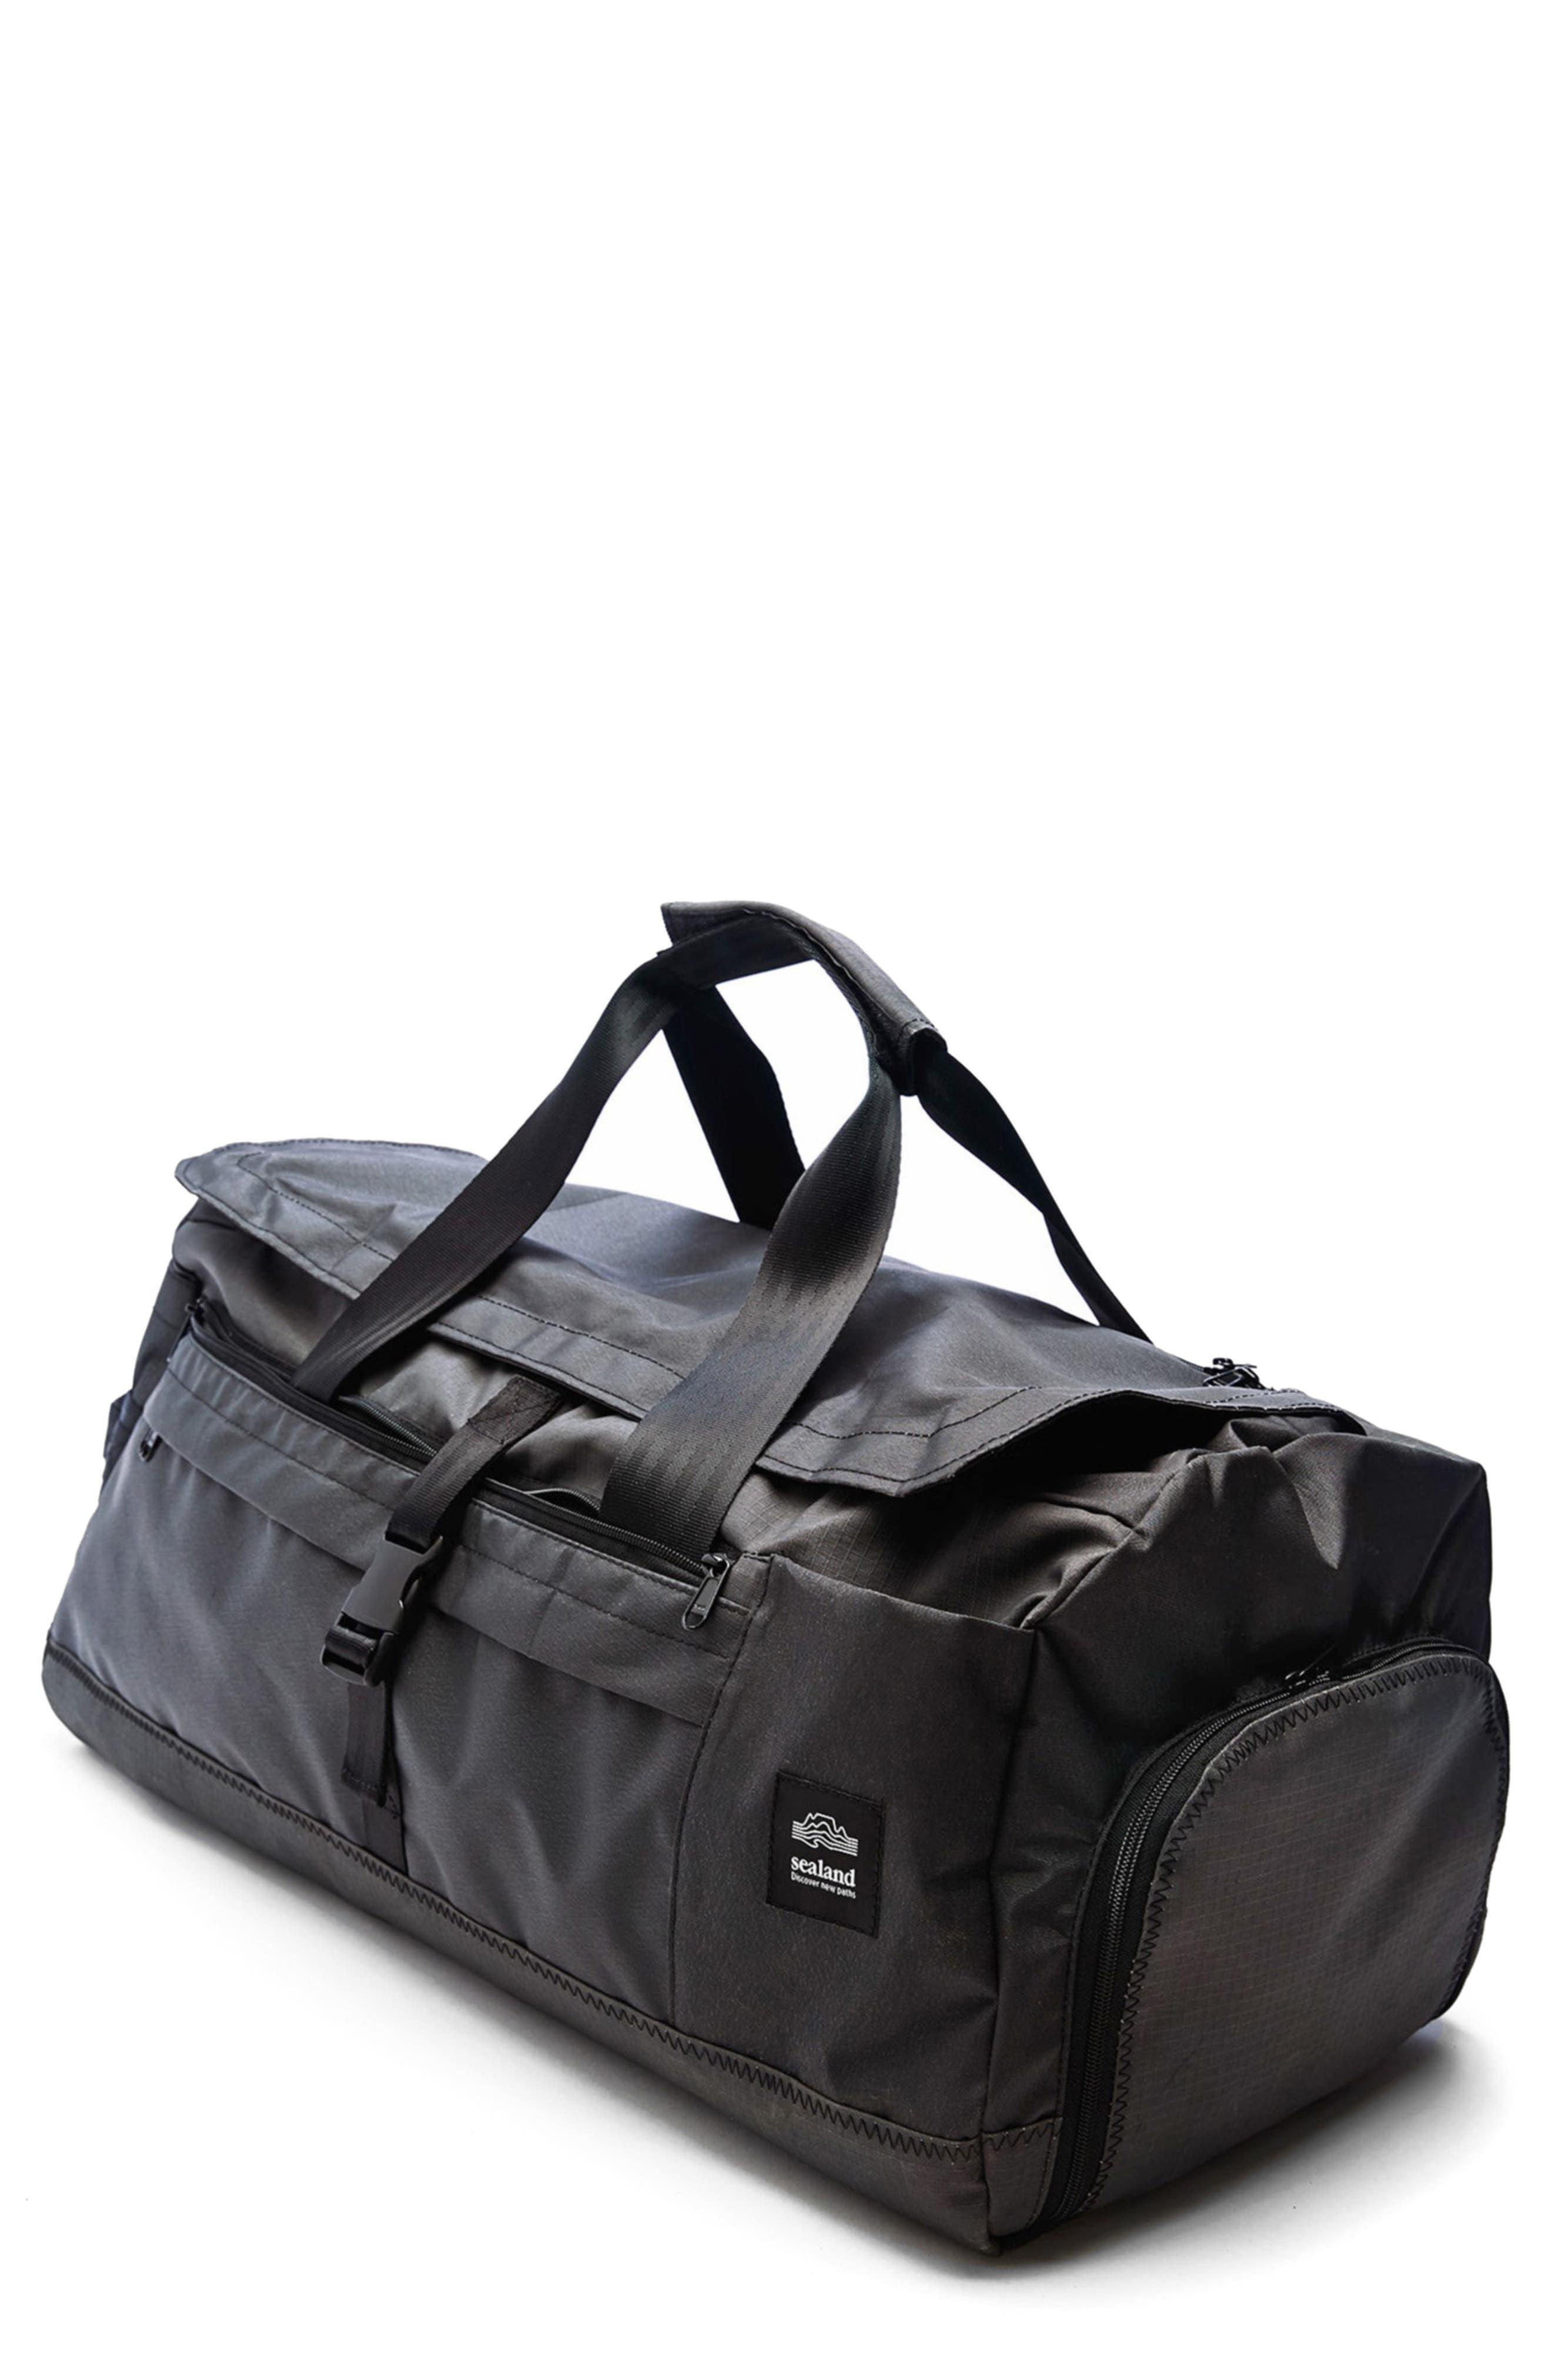 Hero 50 Duffle Bag